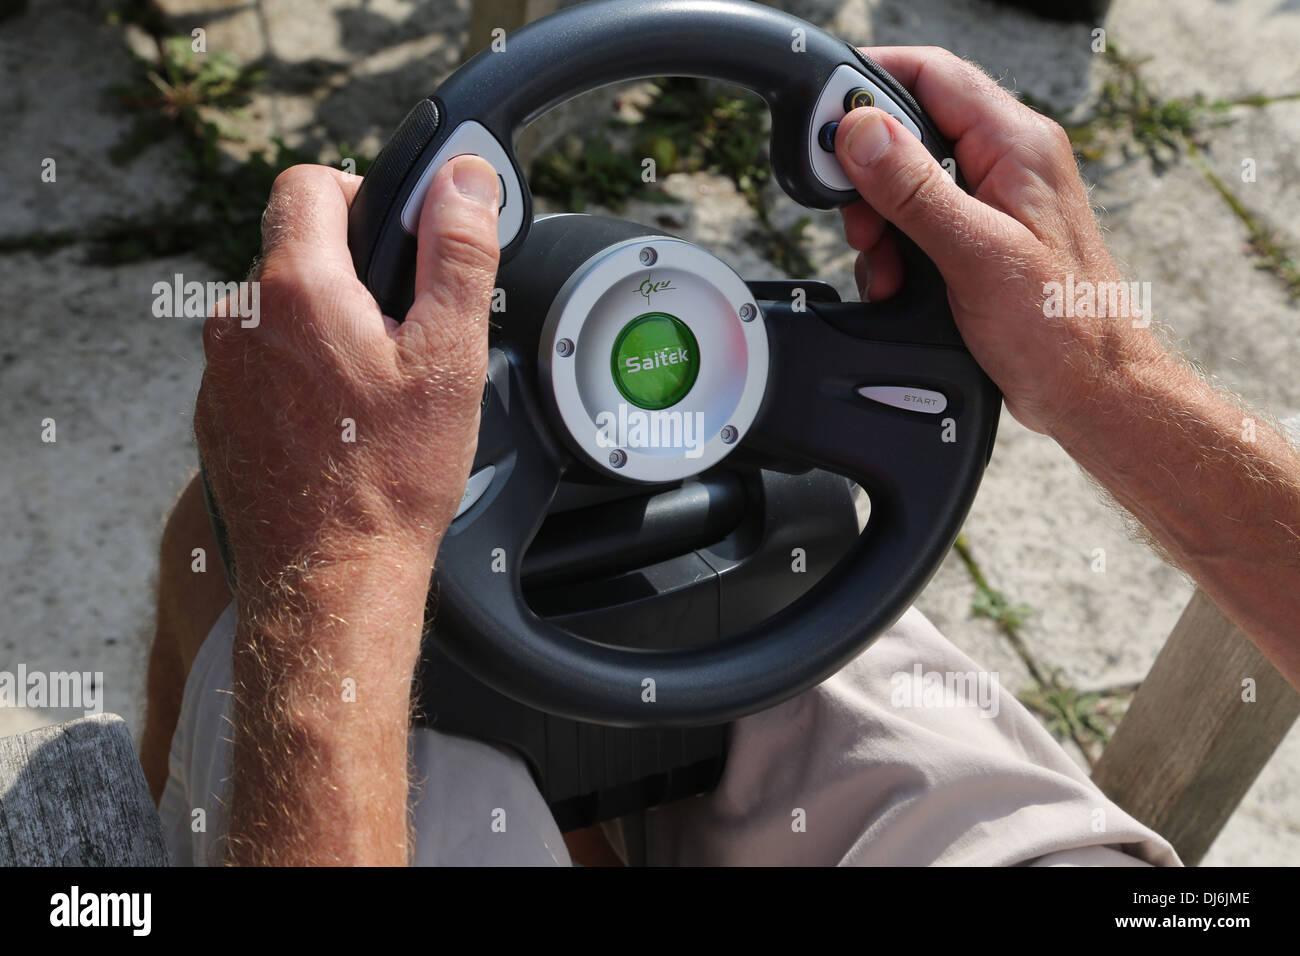 Uomo con Saitek Volante per Xbox console di gioco Immagini Stock